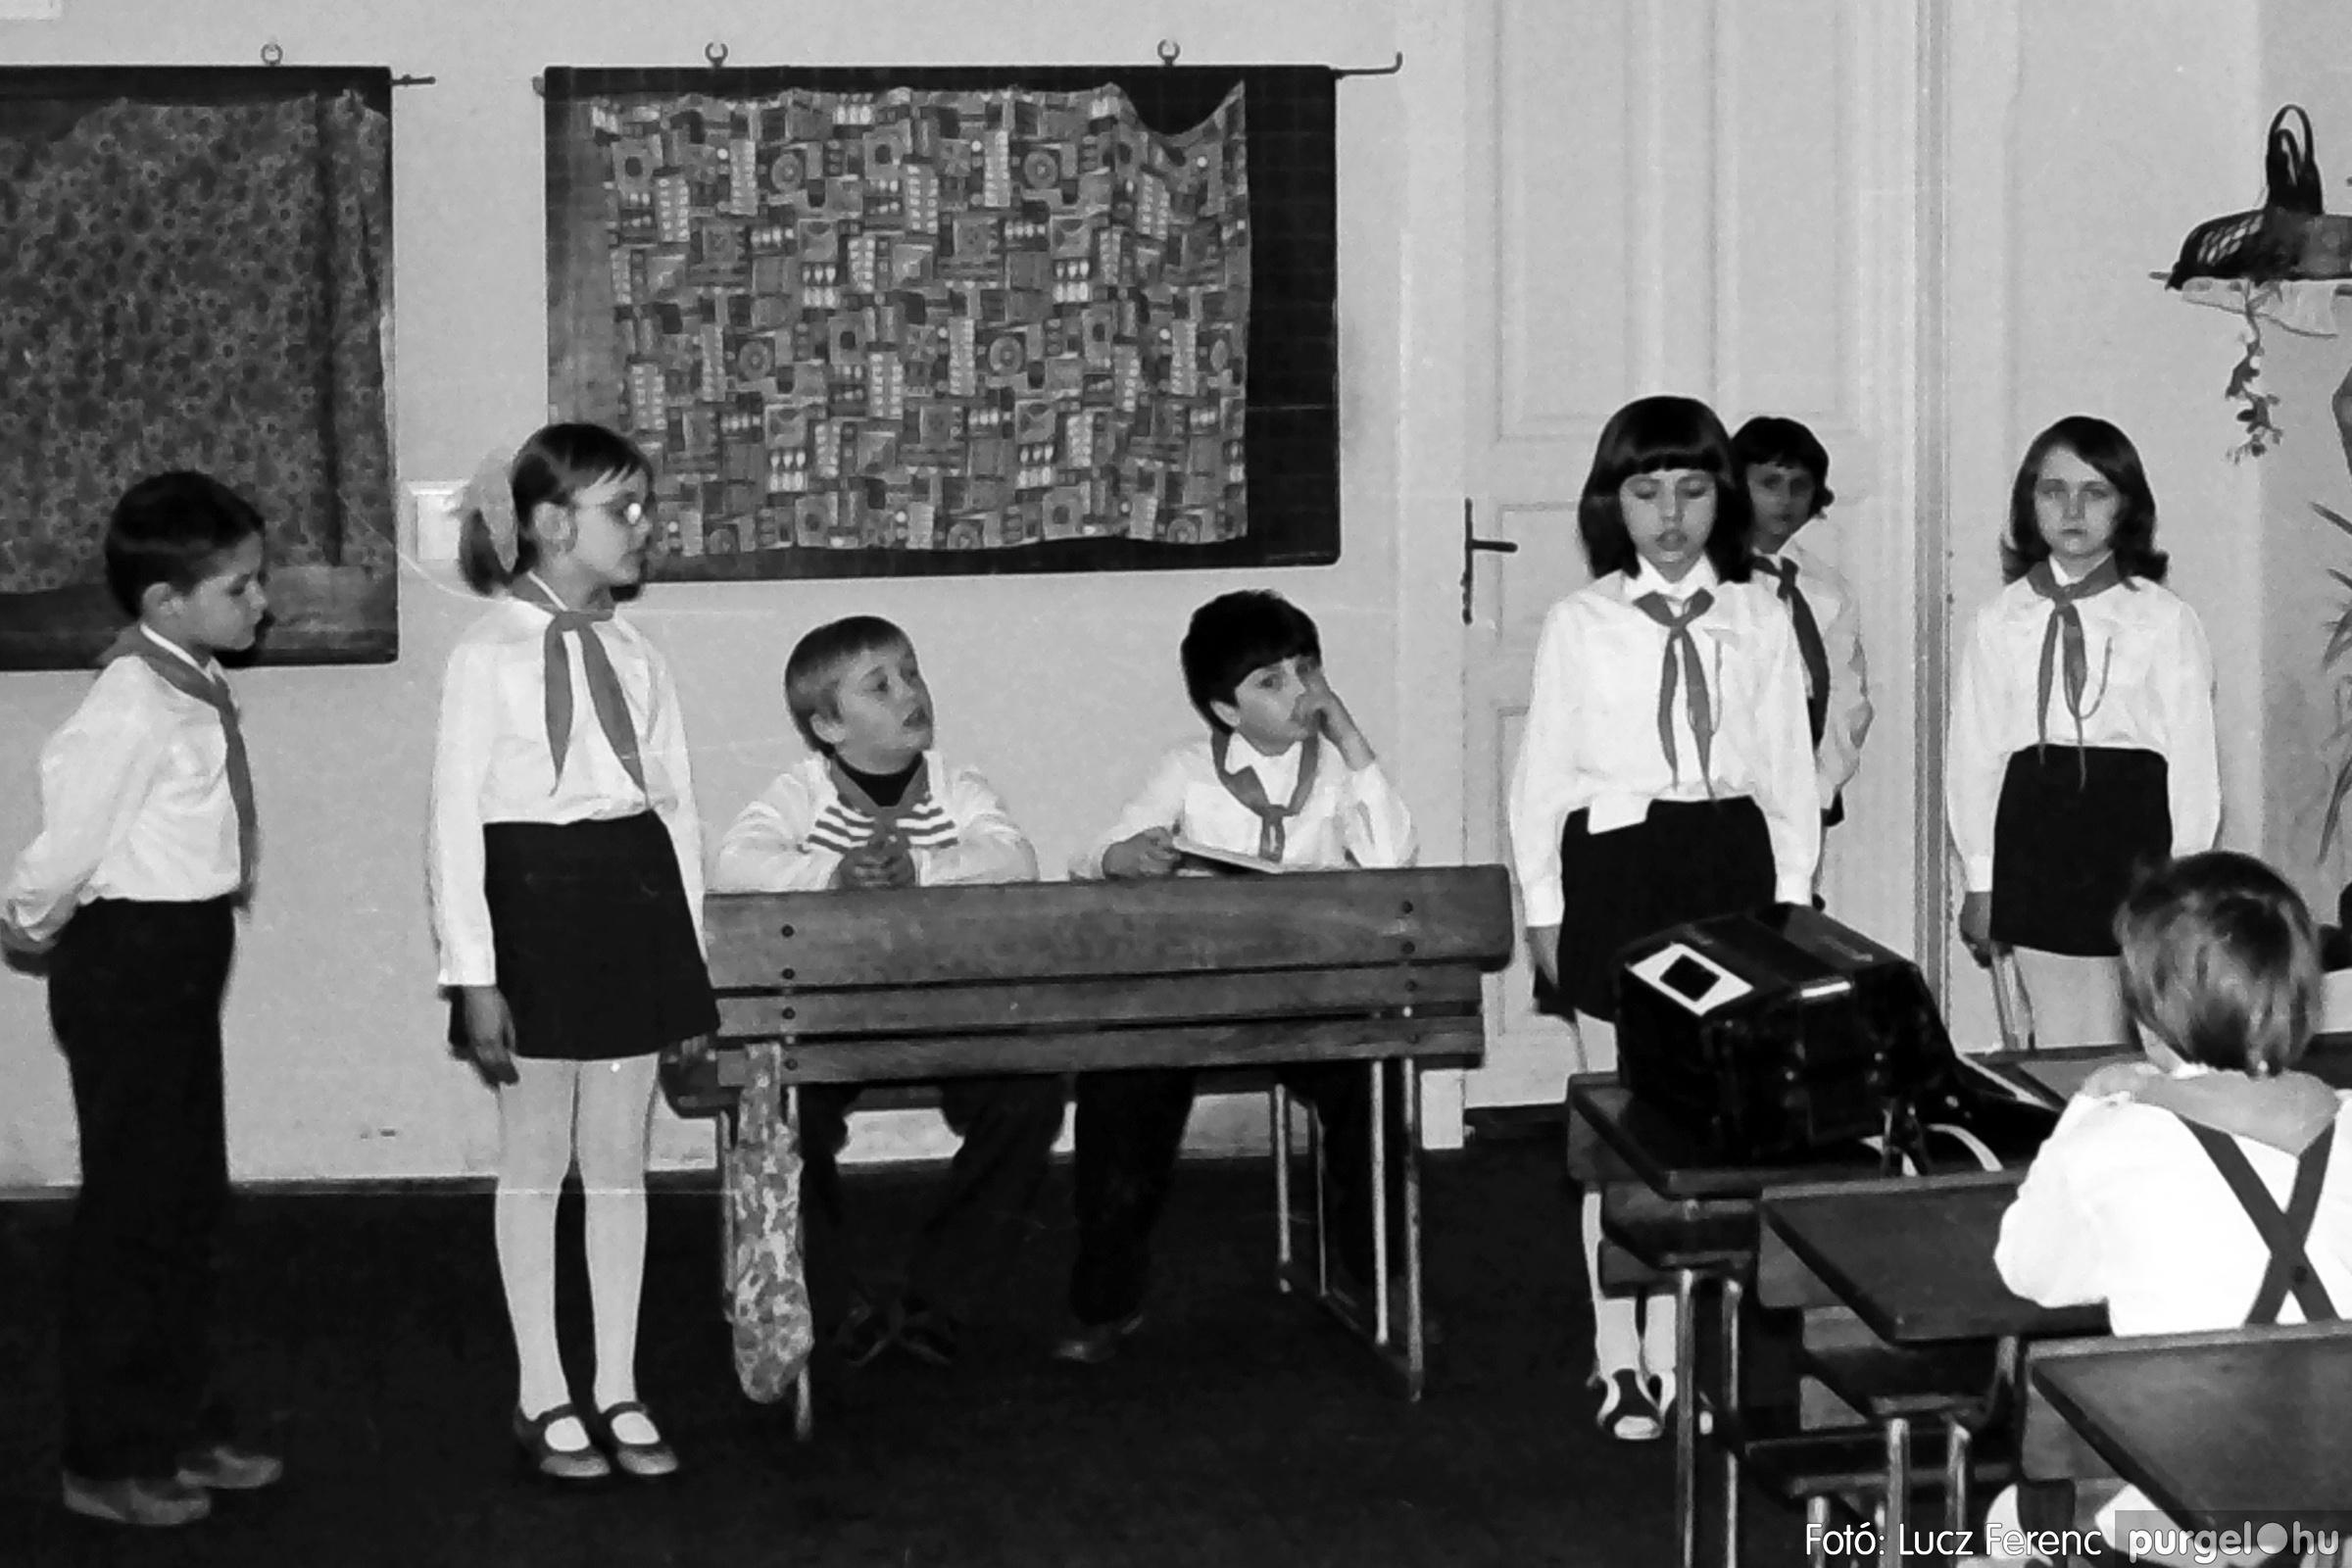 042-043. 1976. Program az újfalusi iskolában 016. - Fotó: Lucz Ferenc - IMG00292q.jpg